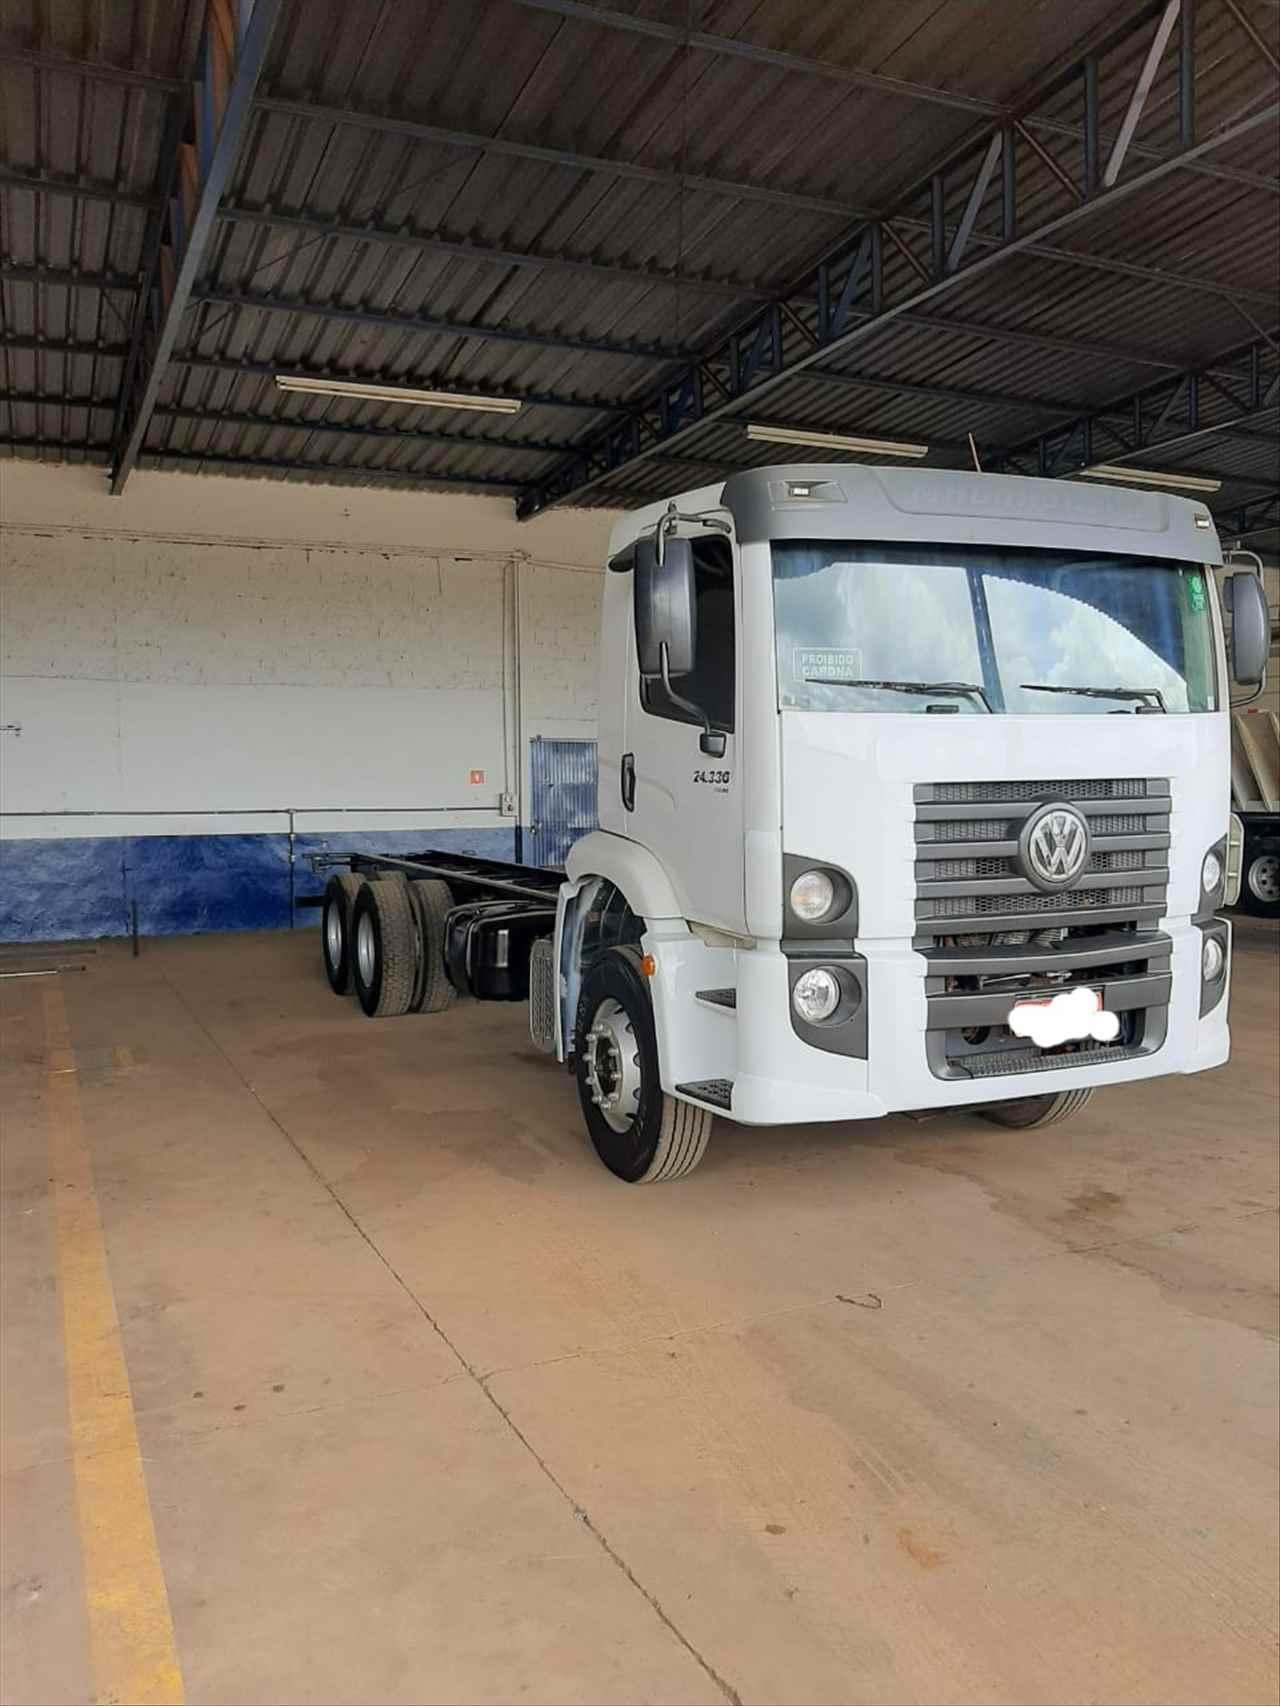 CAMINHAO VOLKSWAGEN VW 24330 Chassis Truck 6x2 Usados Rio Verde Caminhões e Carretas RIO VERDE GOIAS GO